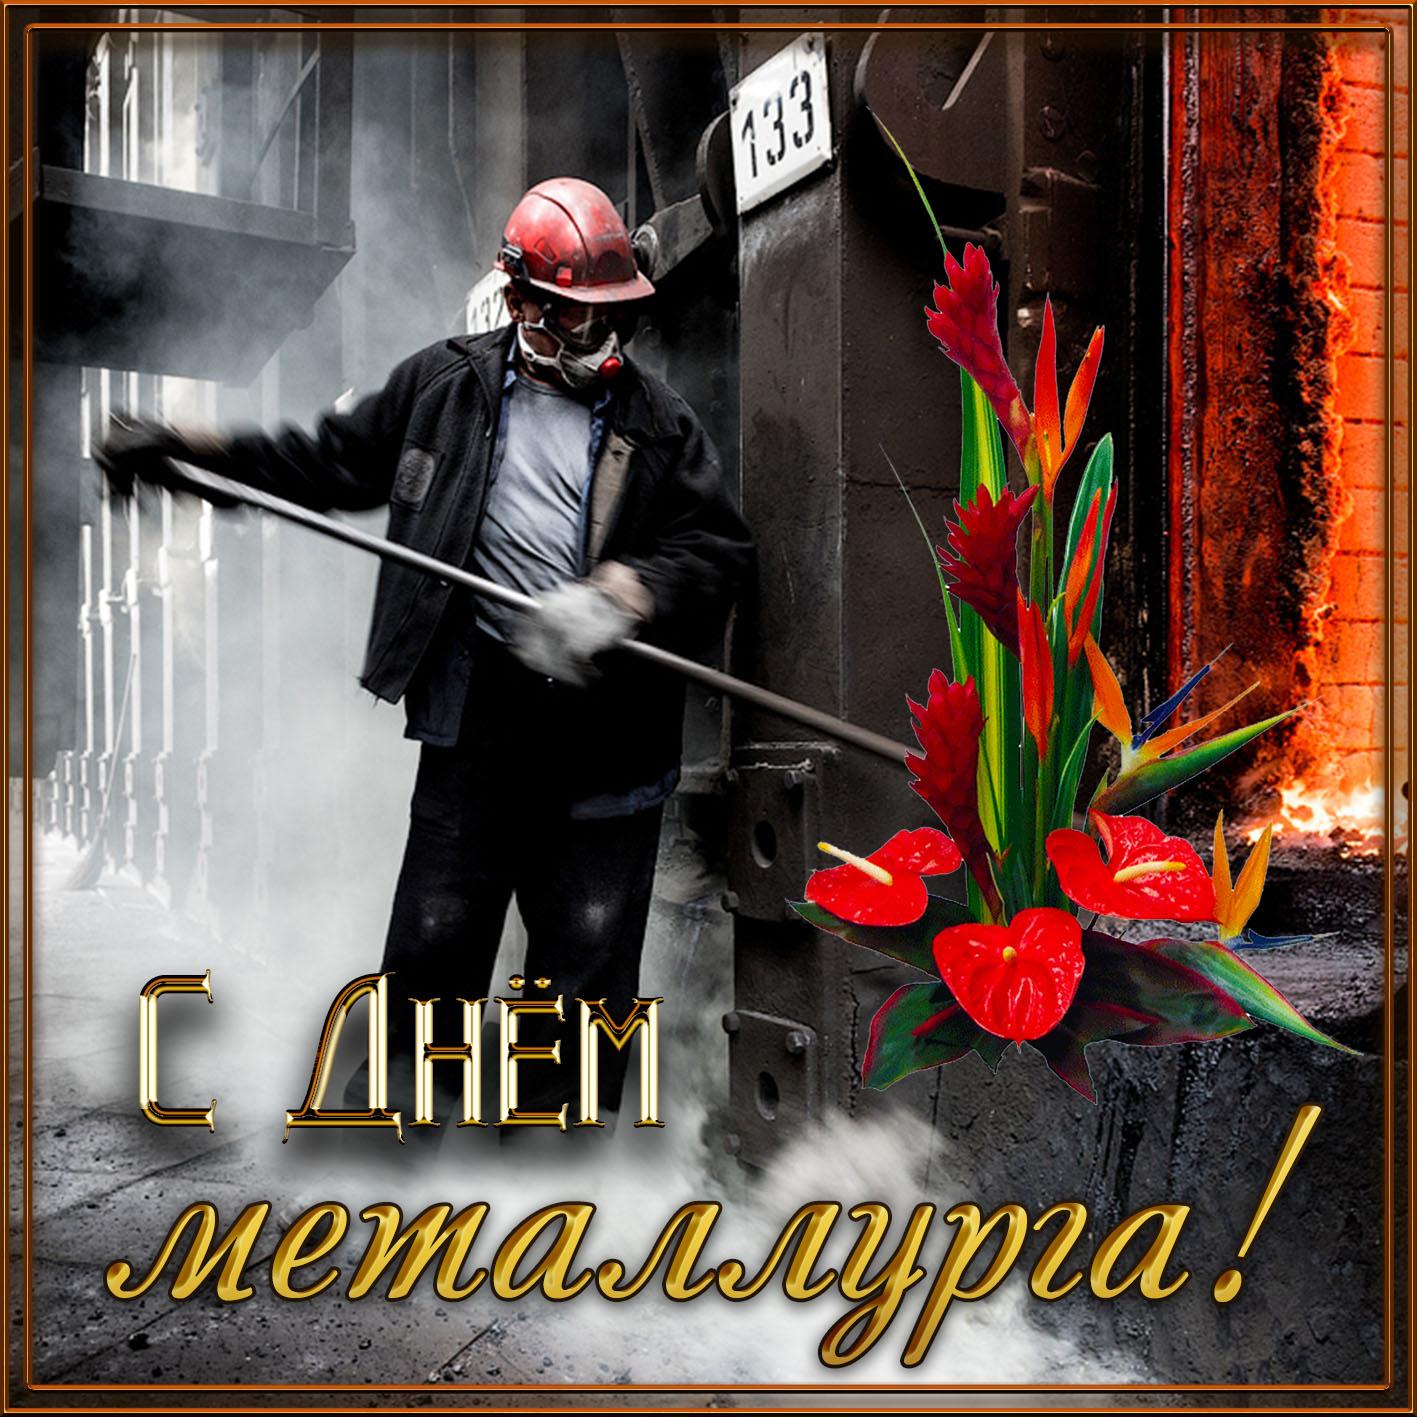 Открытка на День металлурга - металлург у печи в красивом оформлении